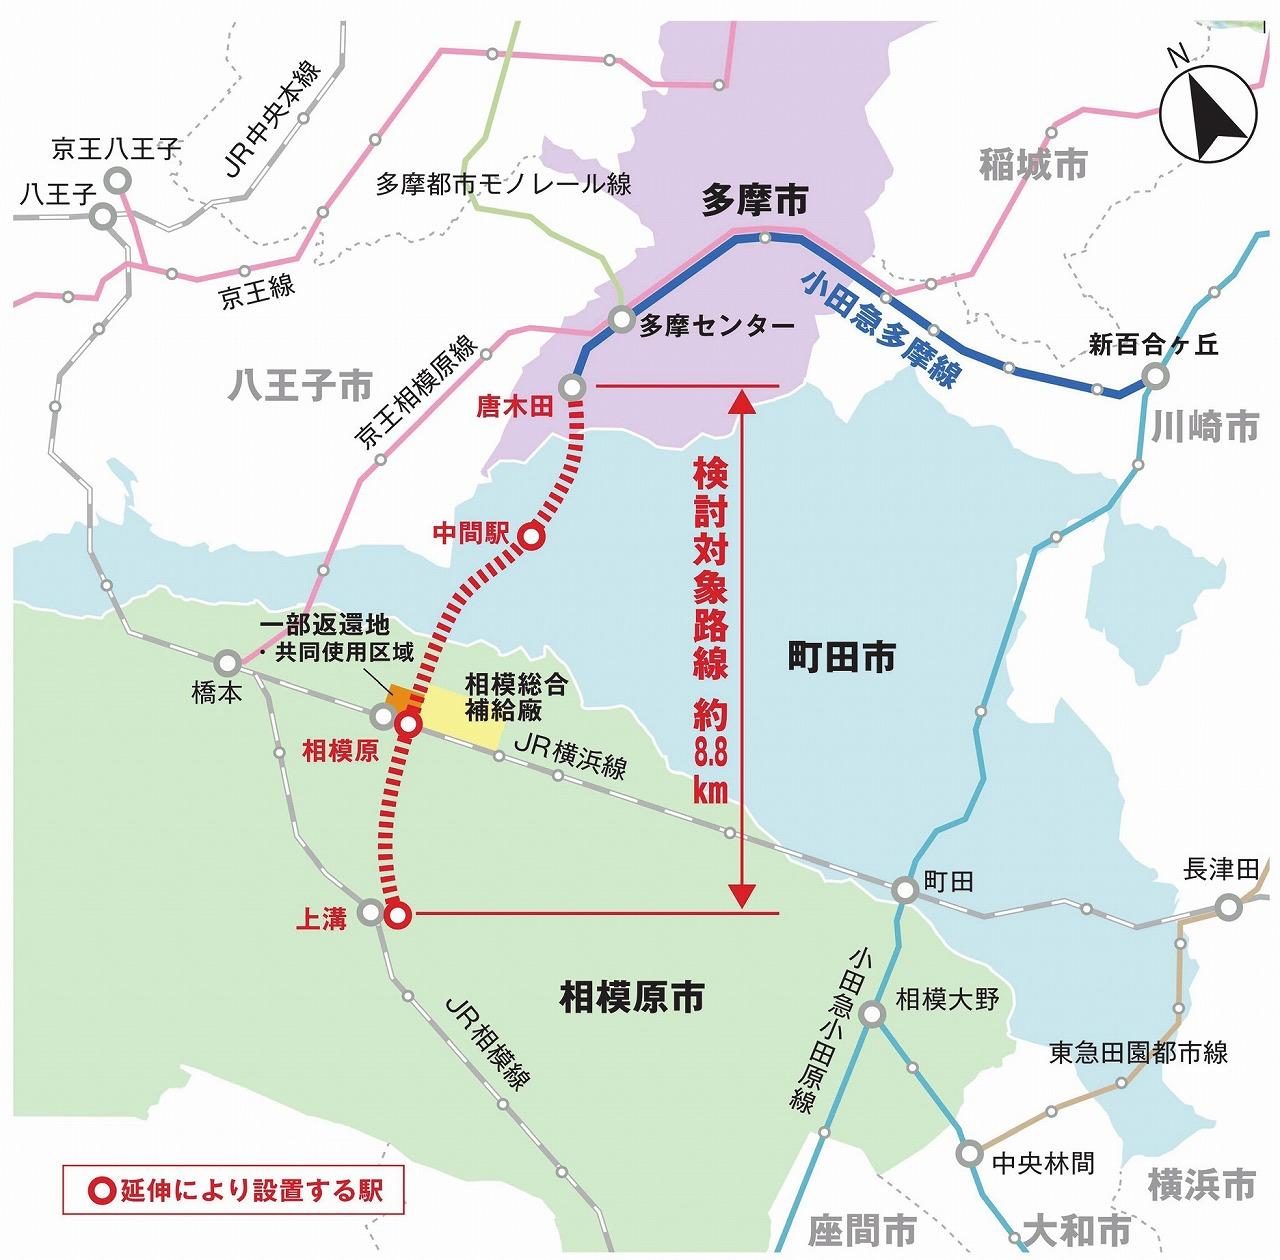 小田急多摩線延伸概略図